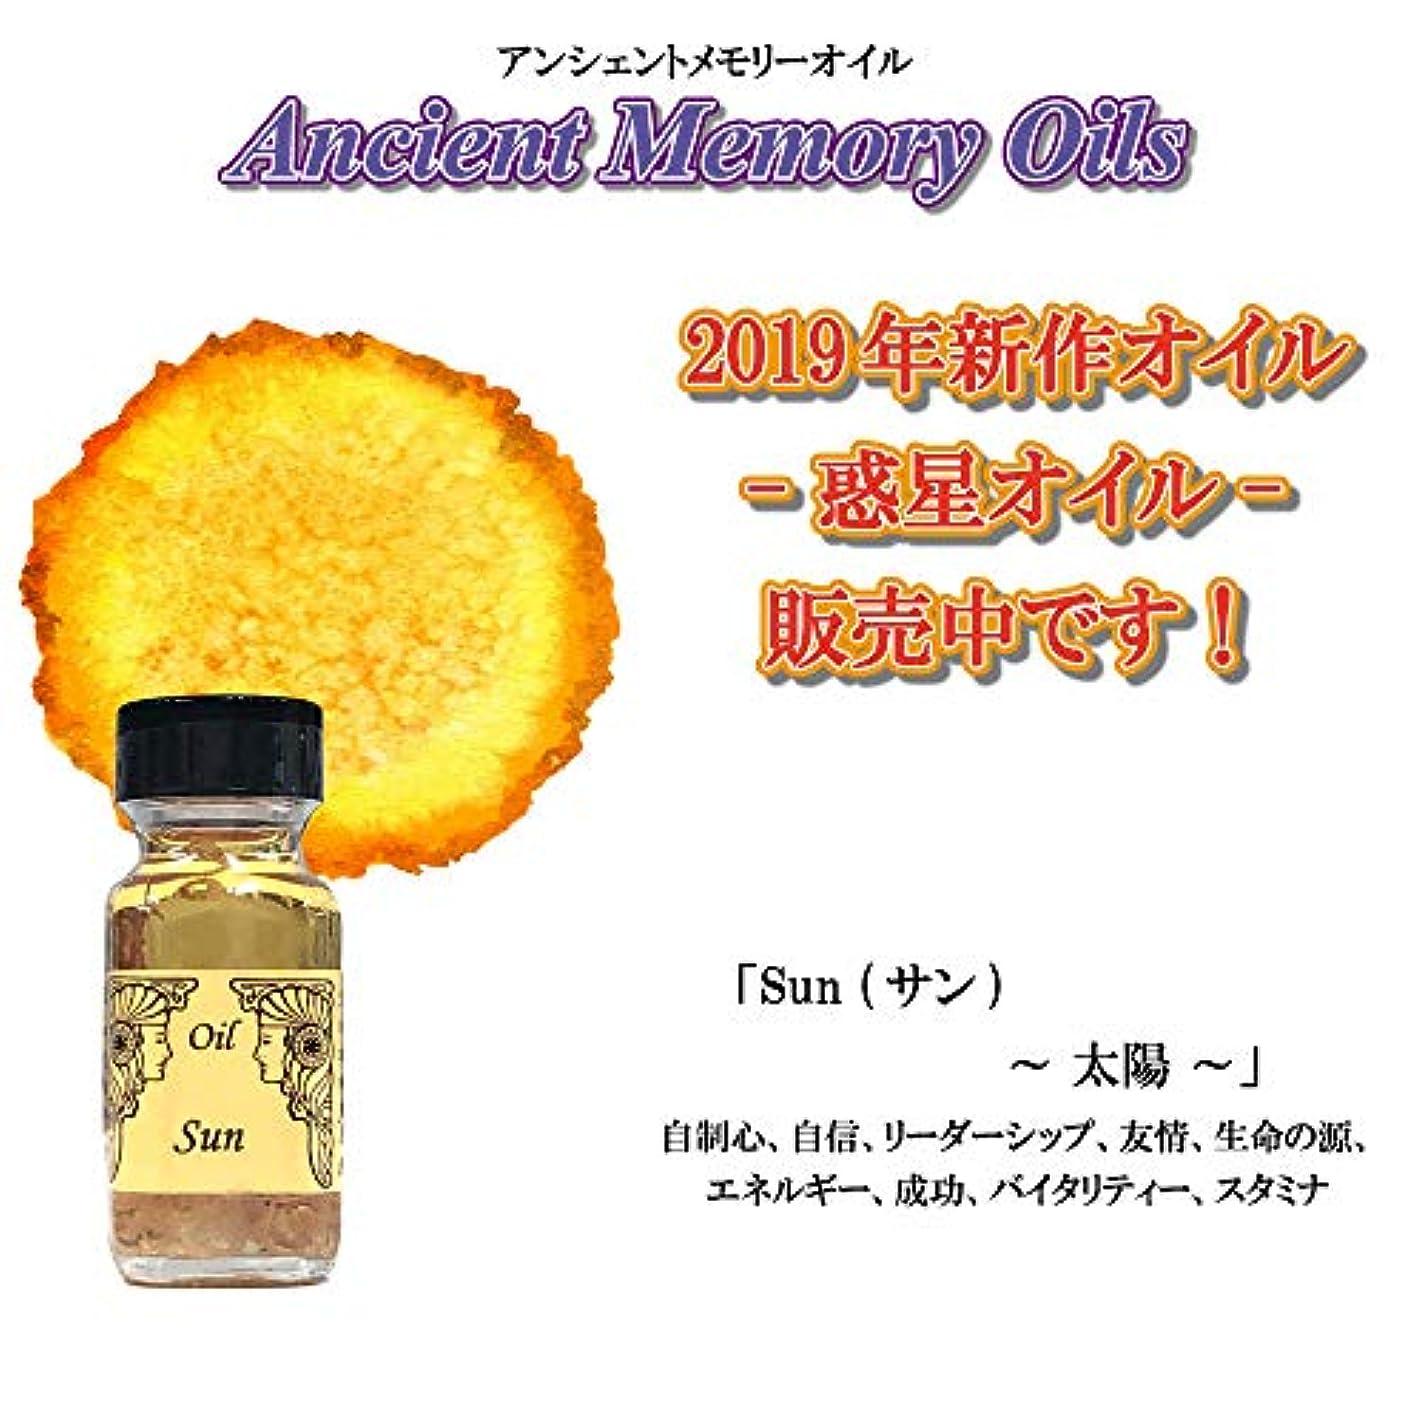 地図学校の先生不注意SEDONA Ancient Memory Oils セドナ アンシェントメモリーオイル 惑星オイル Sun 太陽 サン 15ml